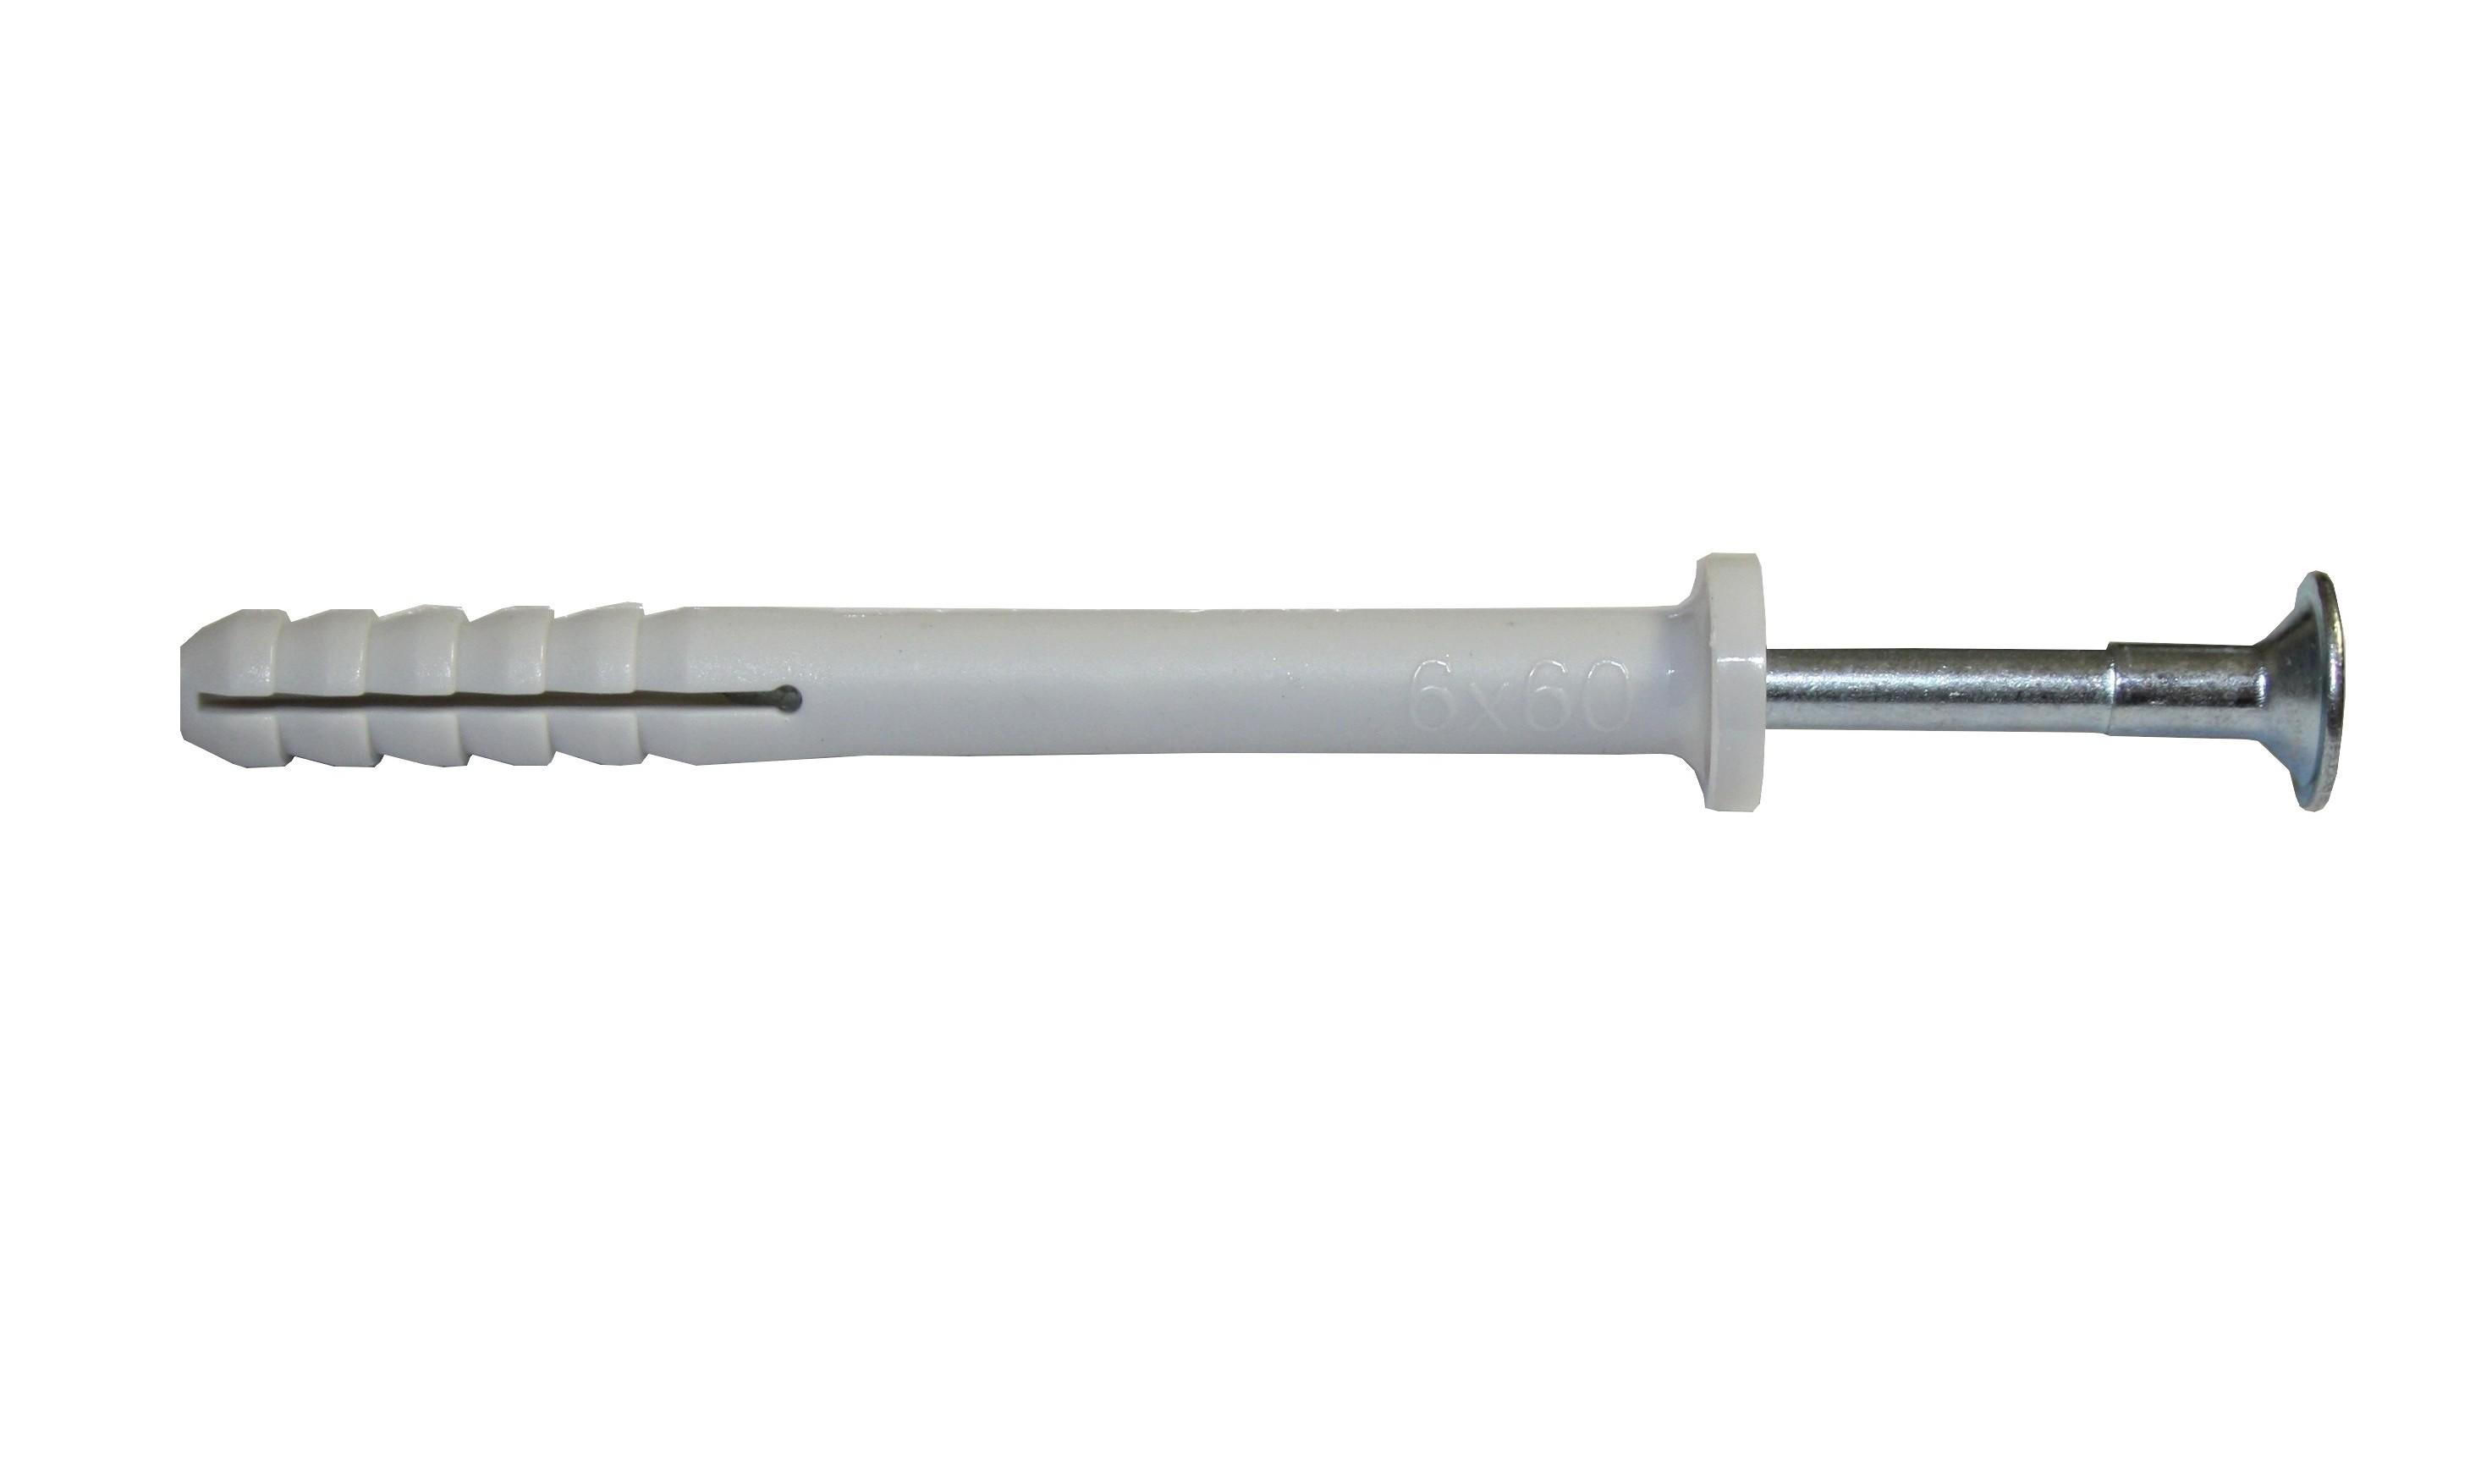 Hmoždinka natloukací 6x60mm plochá, nylon